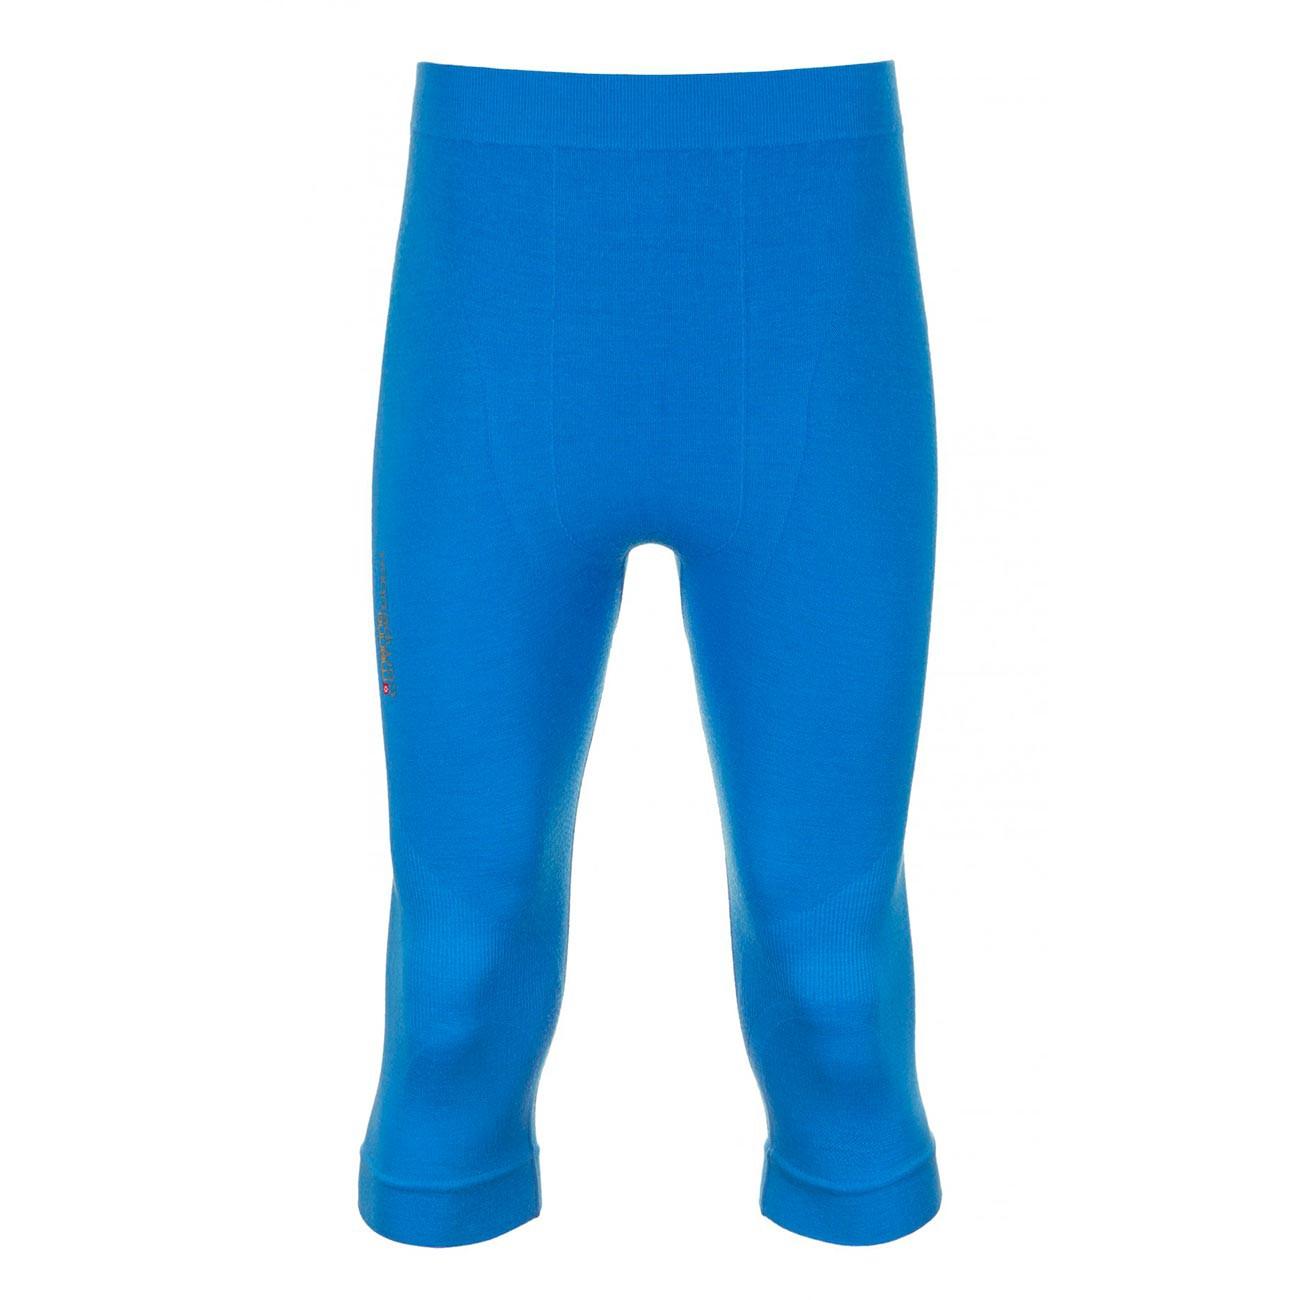 Spodky Ortovox Competition Short Pants blue ocean vel.M 16/17 + doručení do 24 hodin